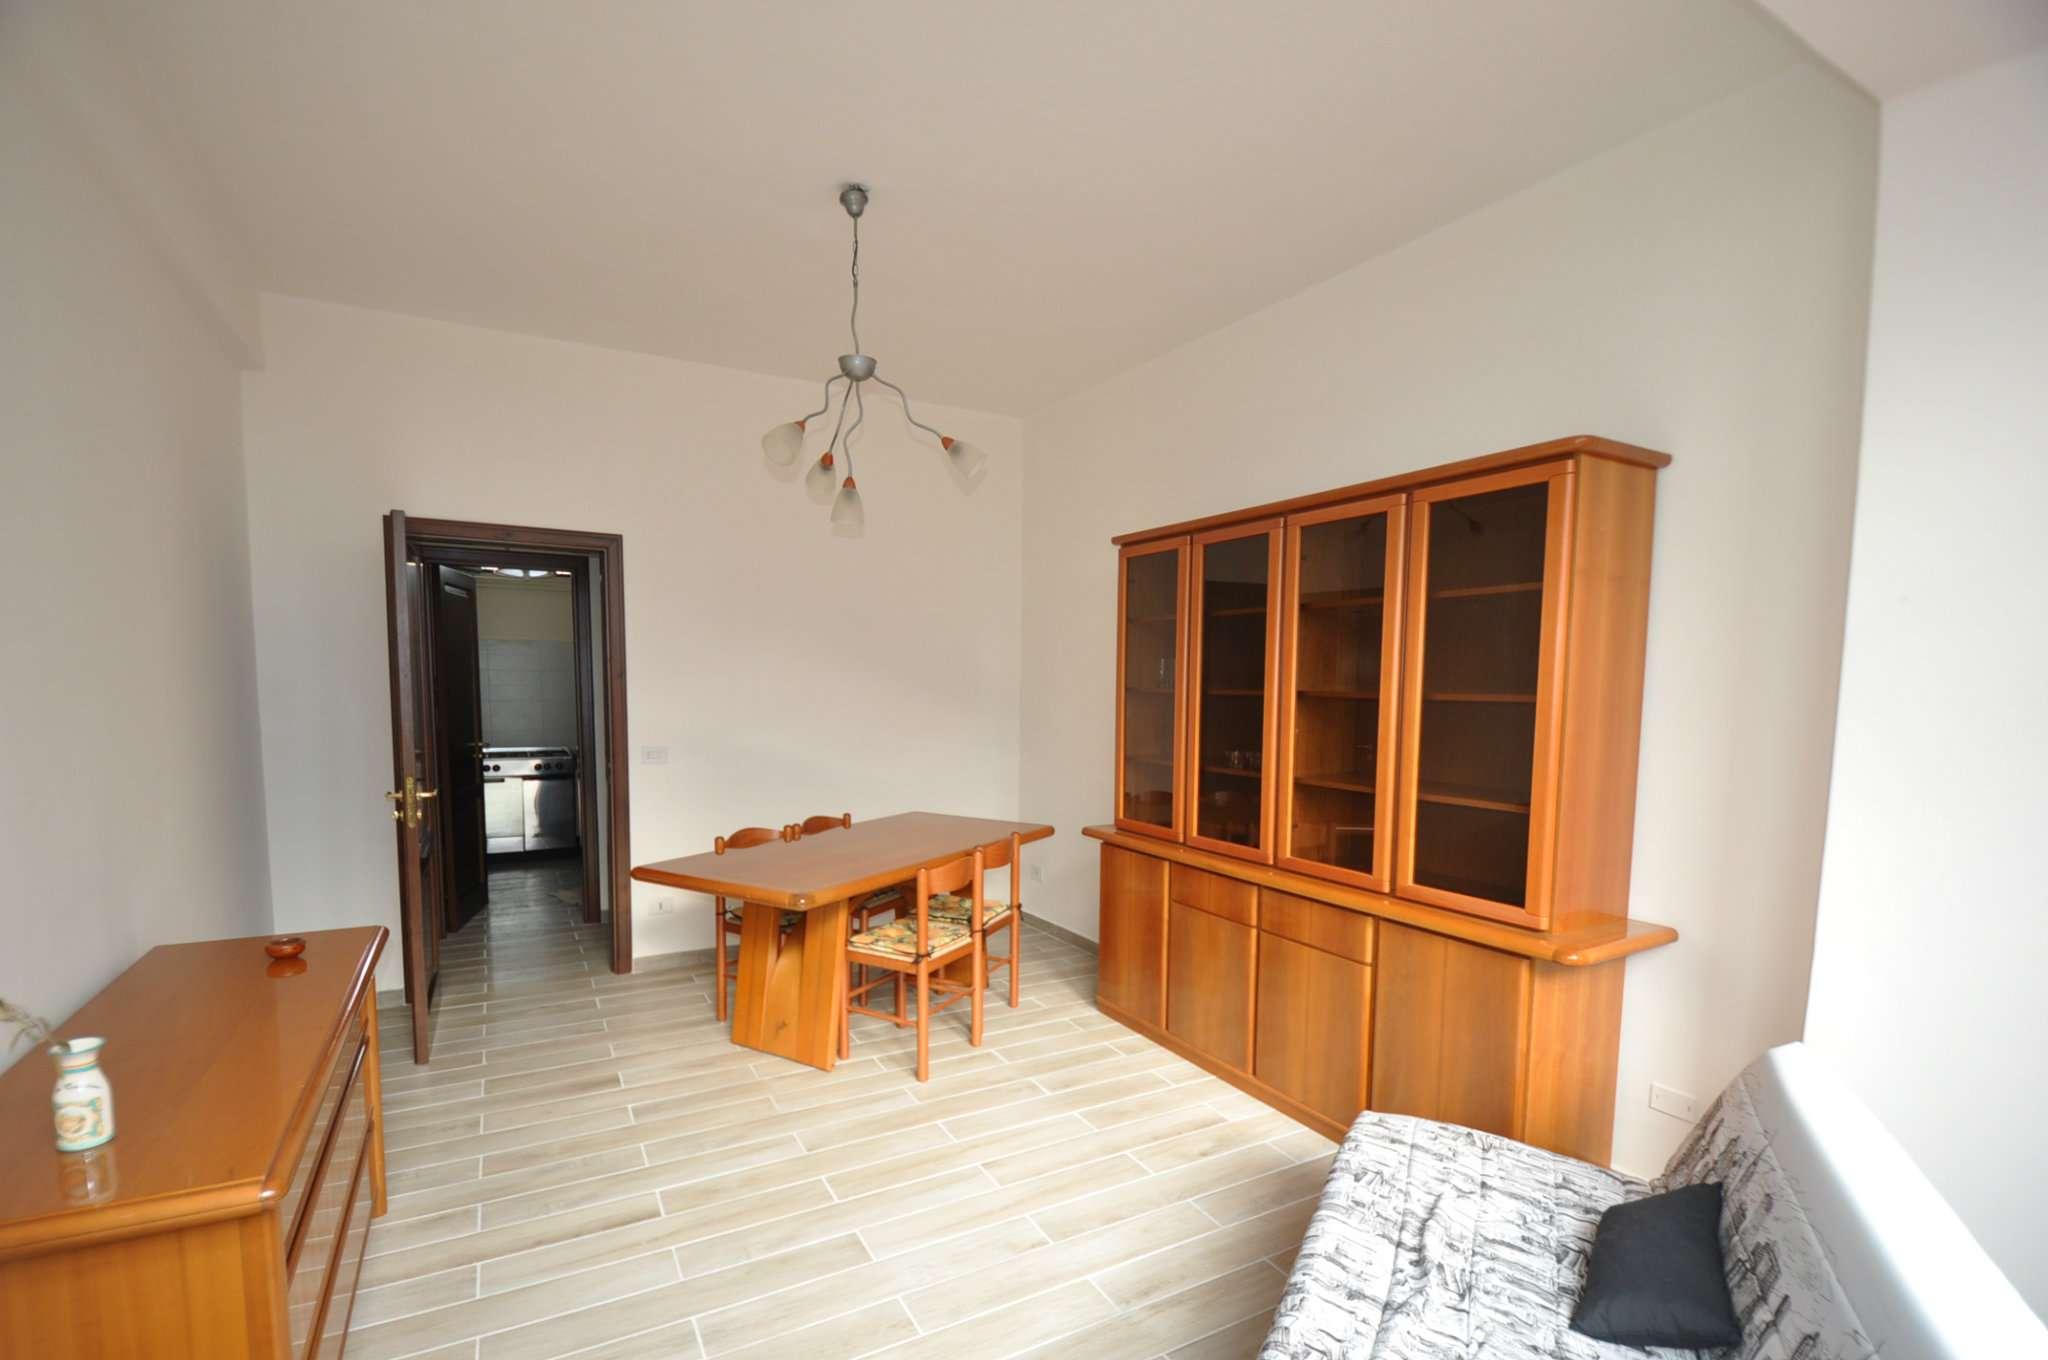 Appartamento in affitto a palermo piazza stefano donaudy for Affitto bilocale palermo arredato